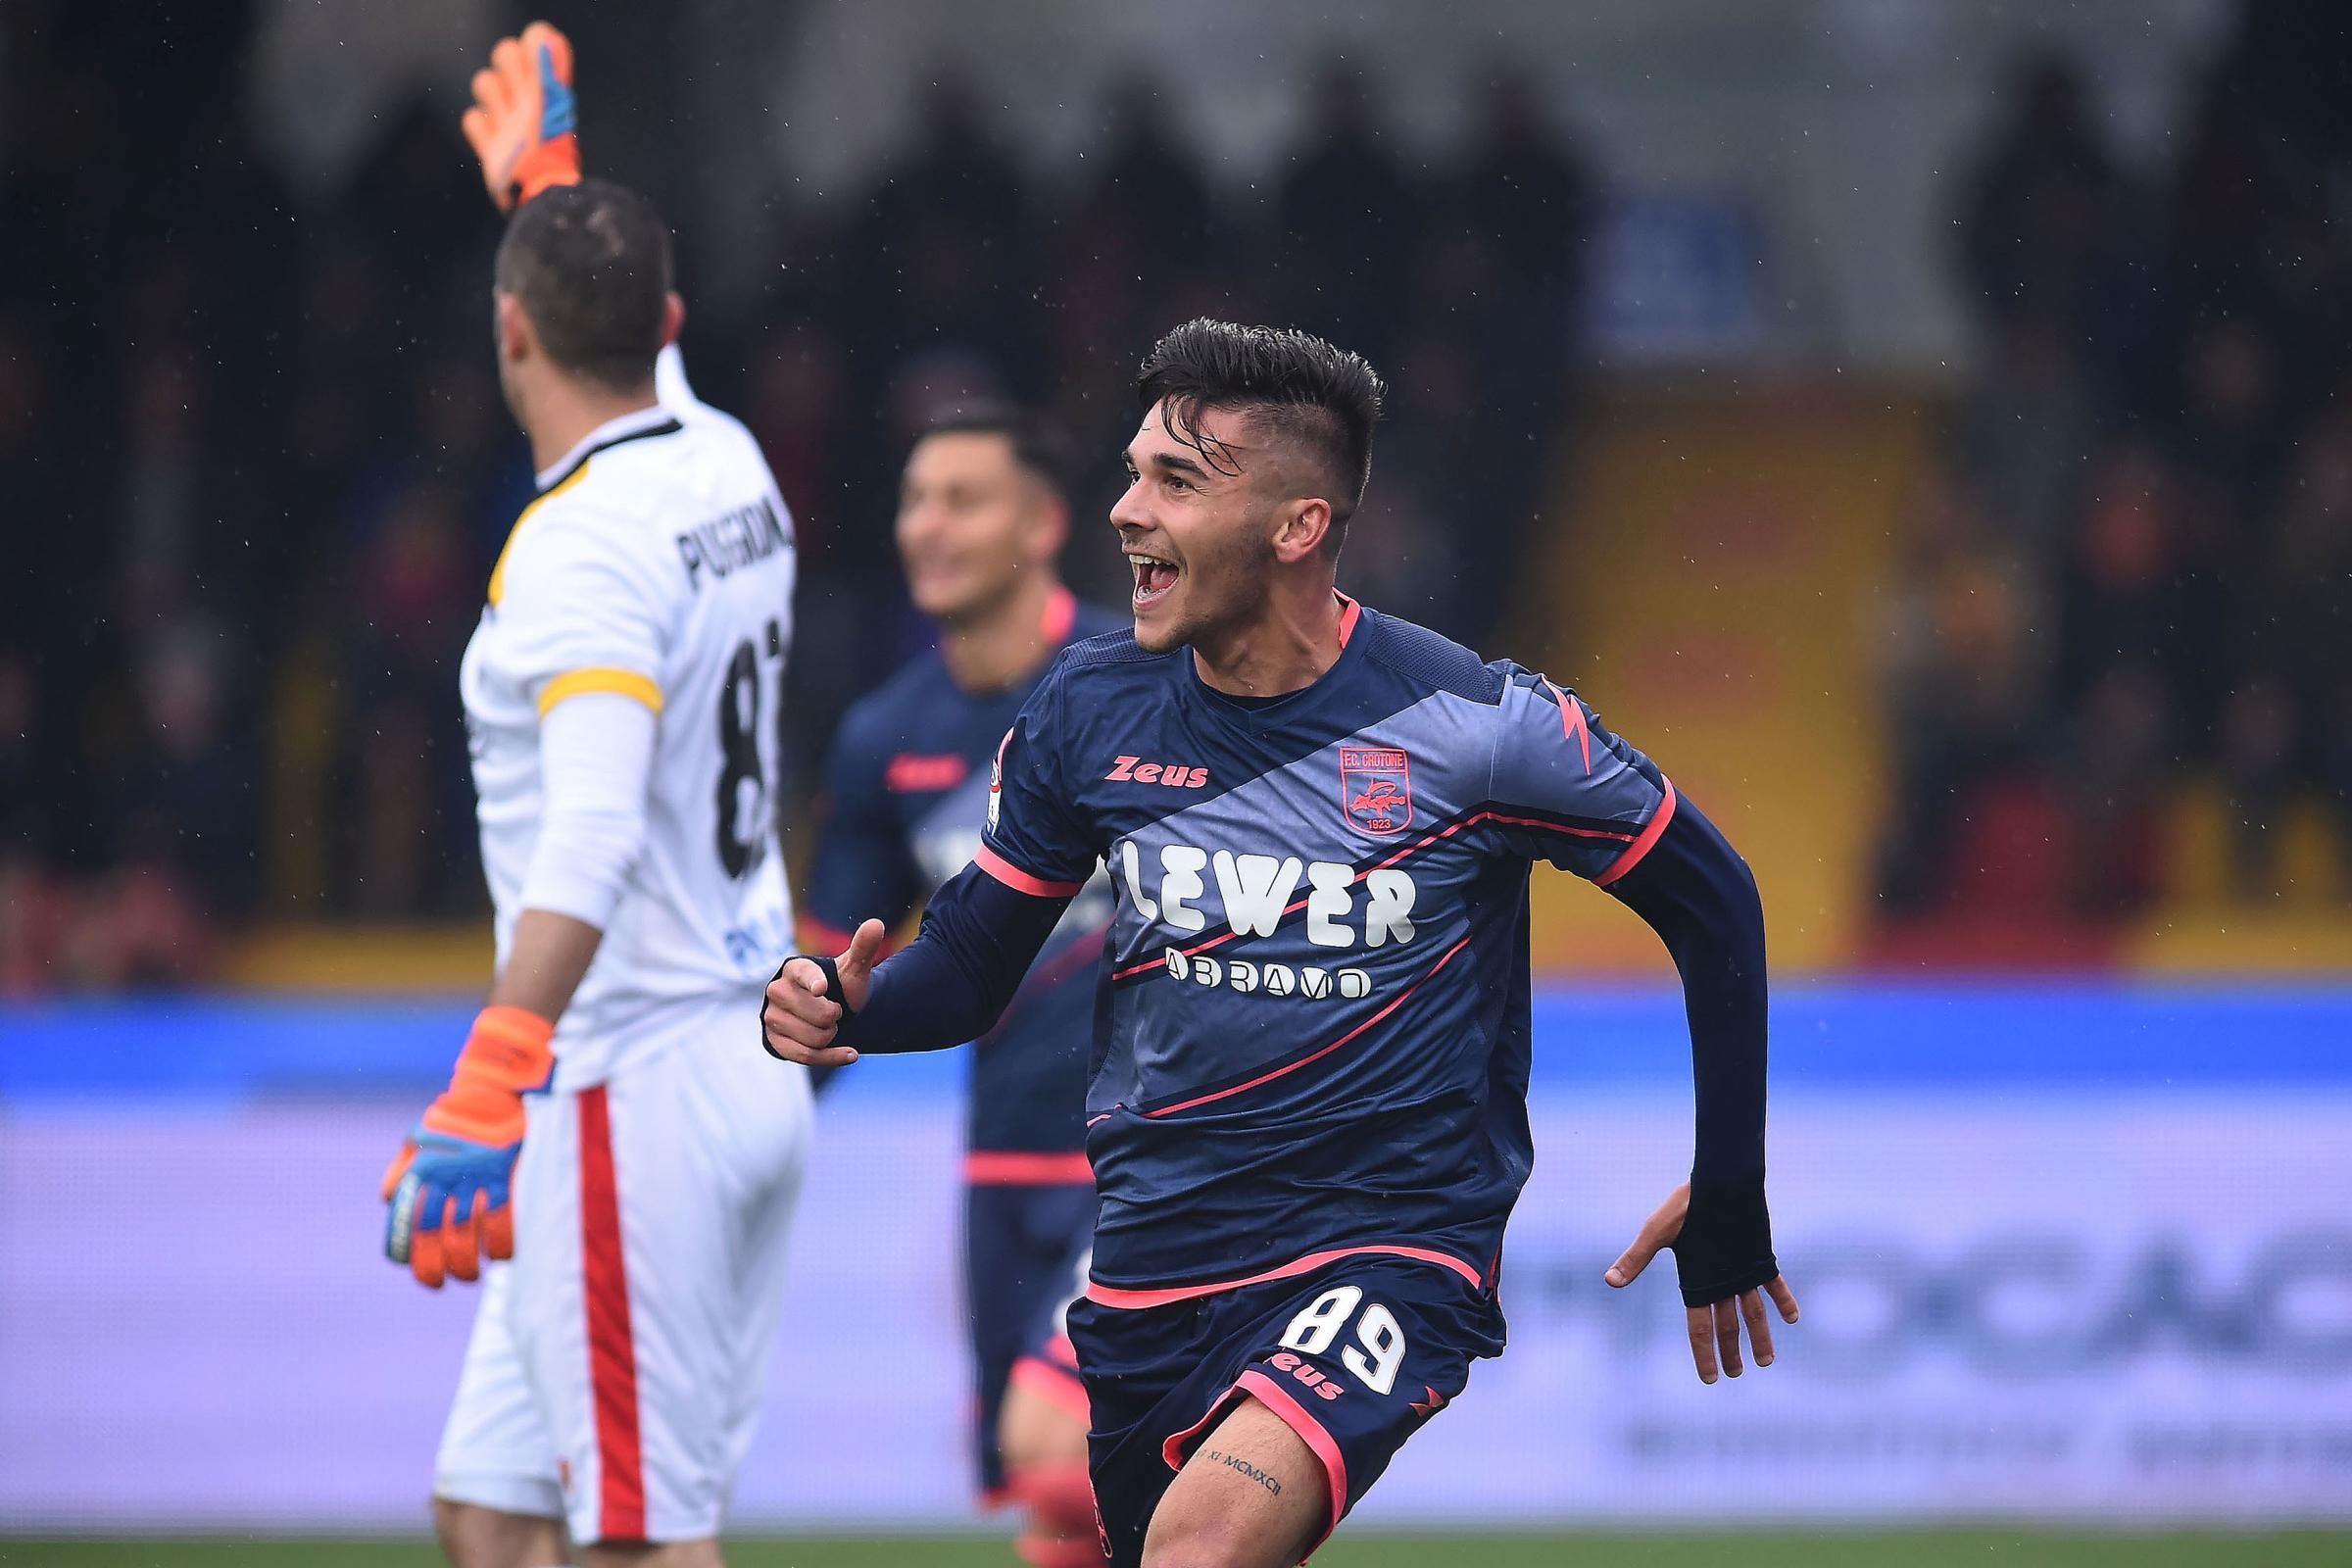 Serie A, Benevento mette il cuore e batte il Crotone  Sconfitta per i calabresi nella sfida salvezza